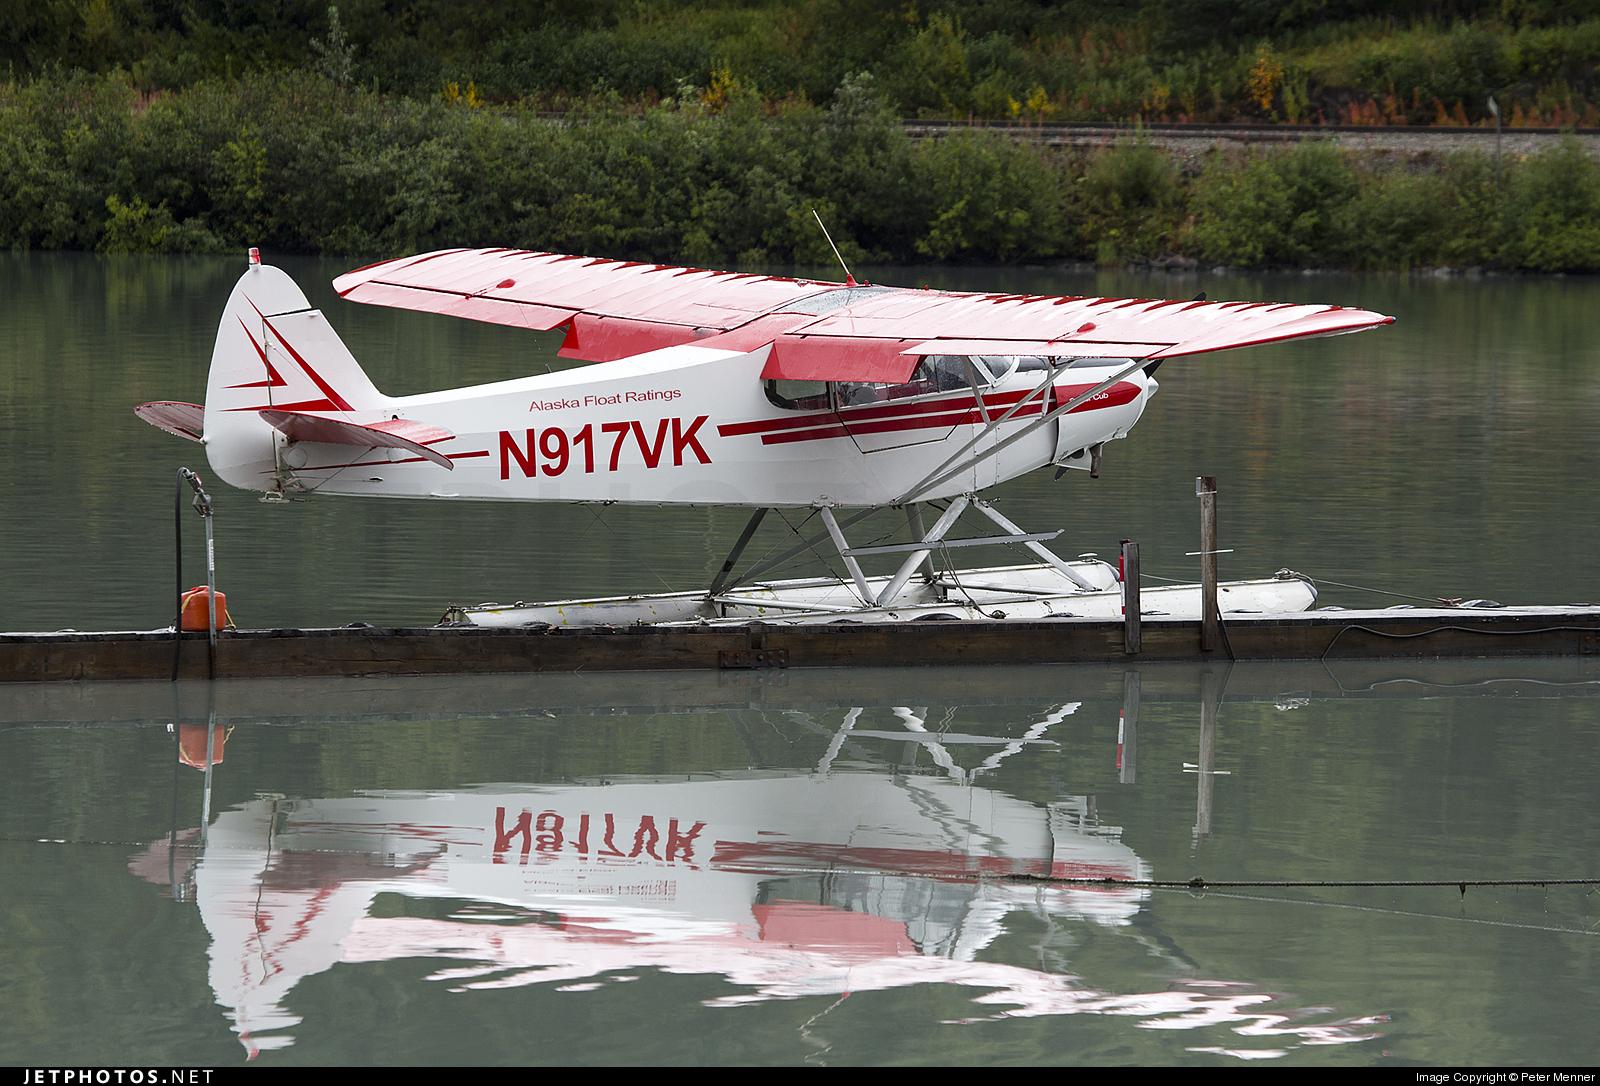 N917VK - Piper PA-18-150 Super Cub - Private